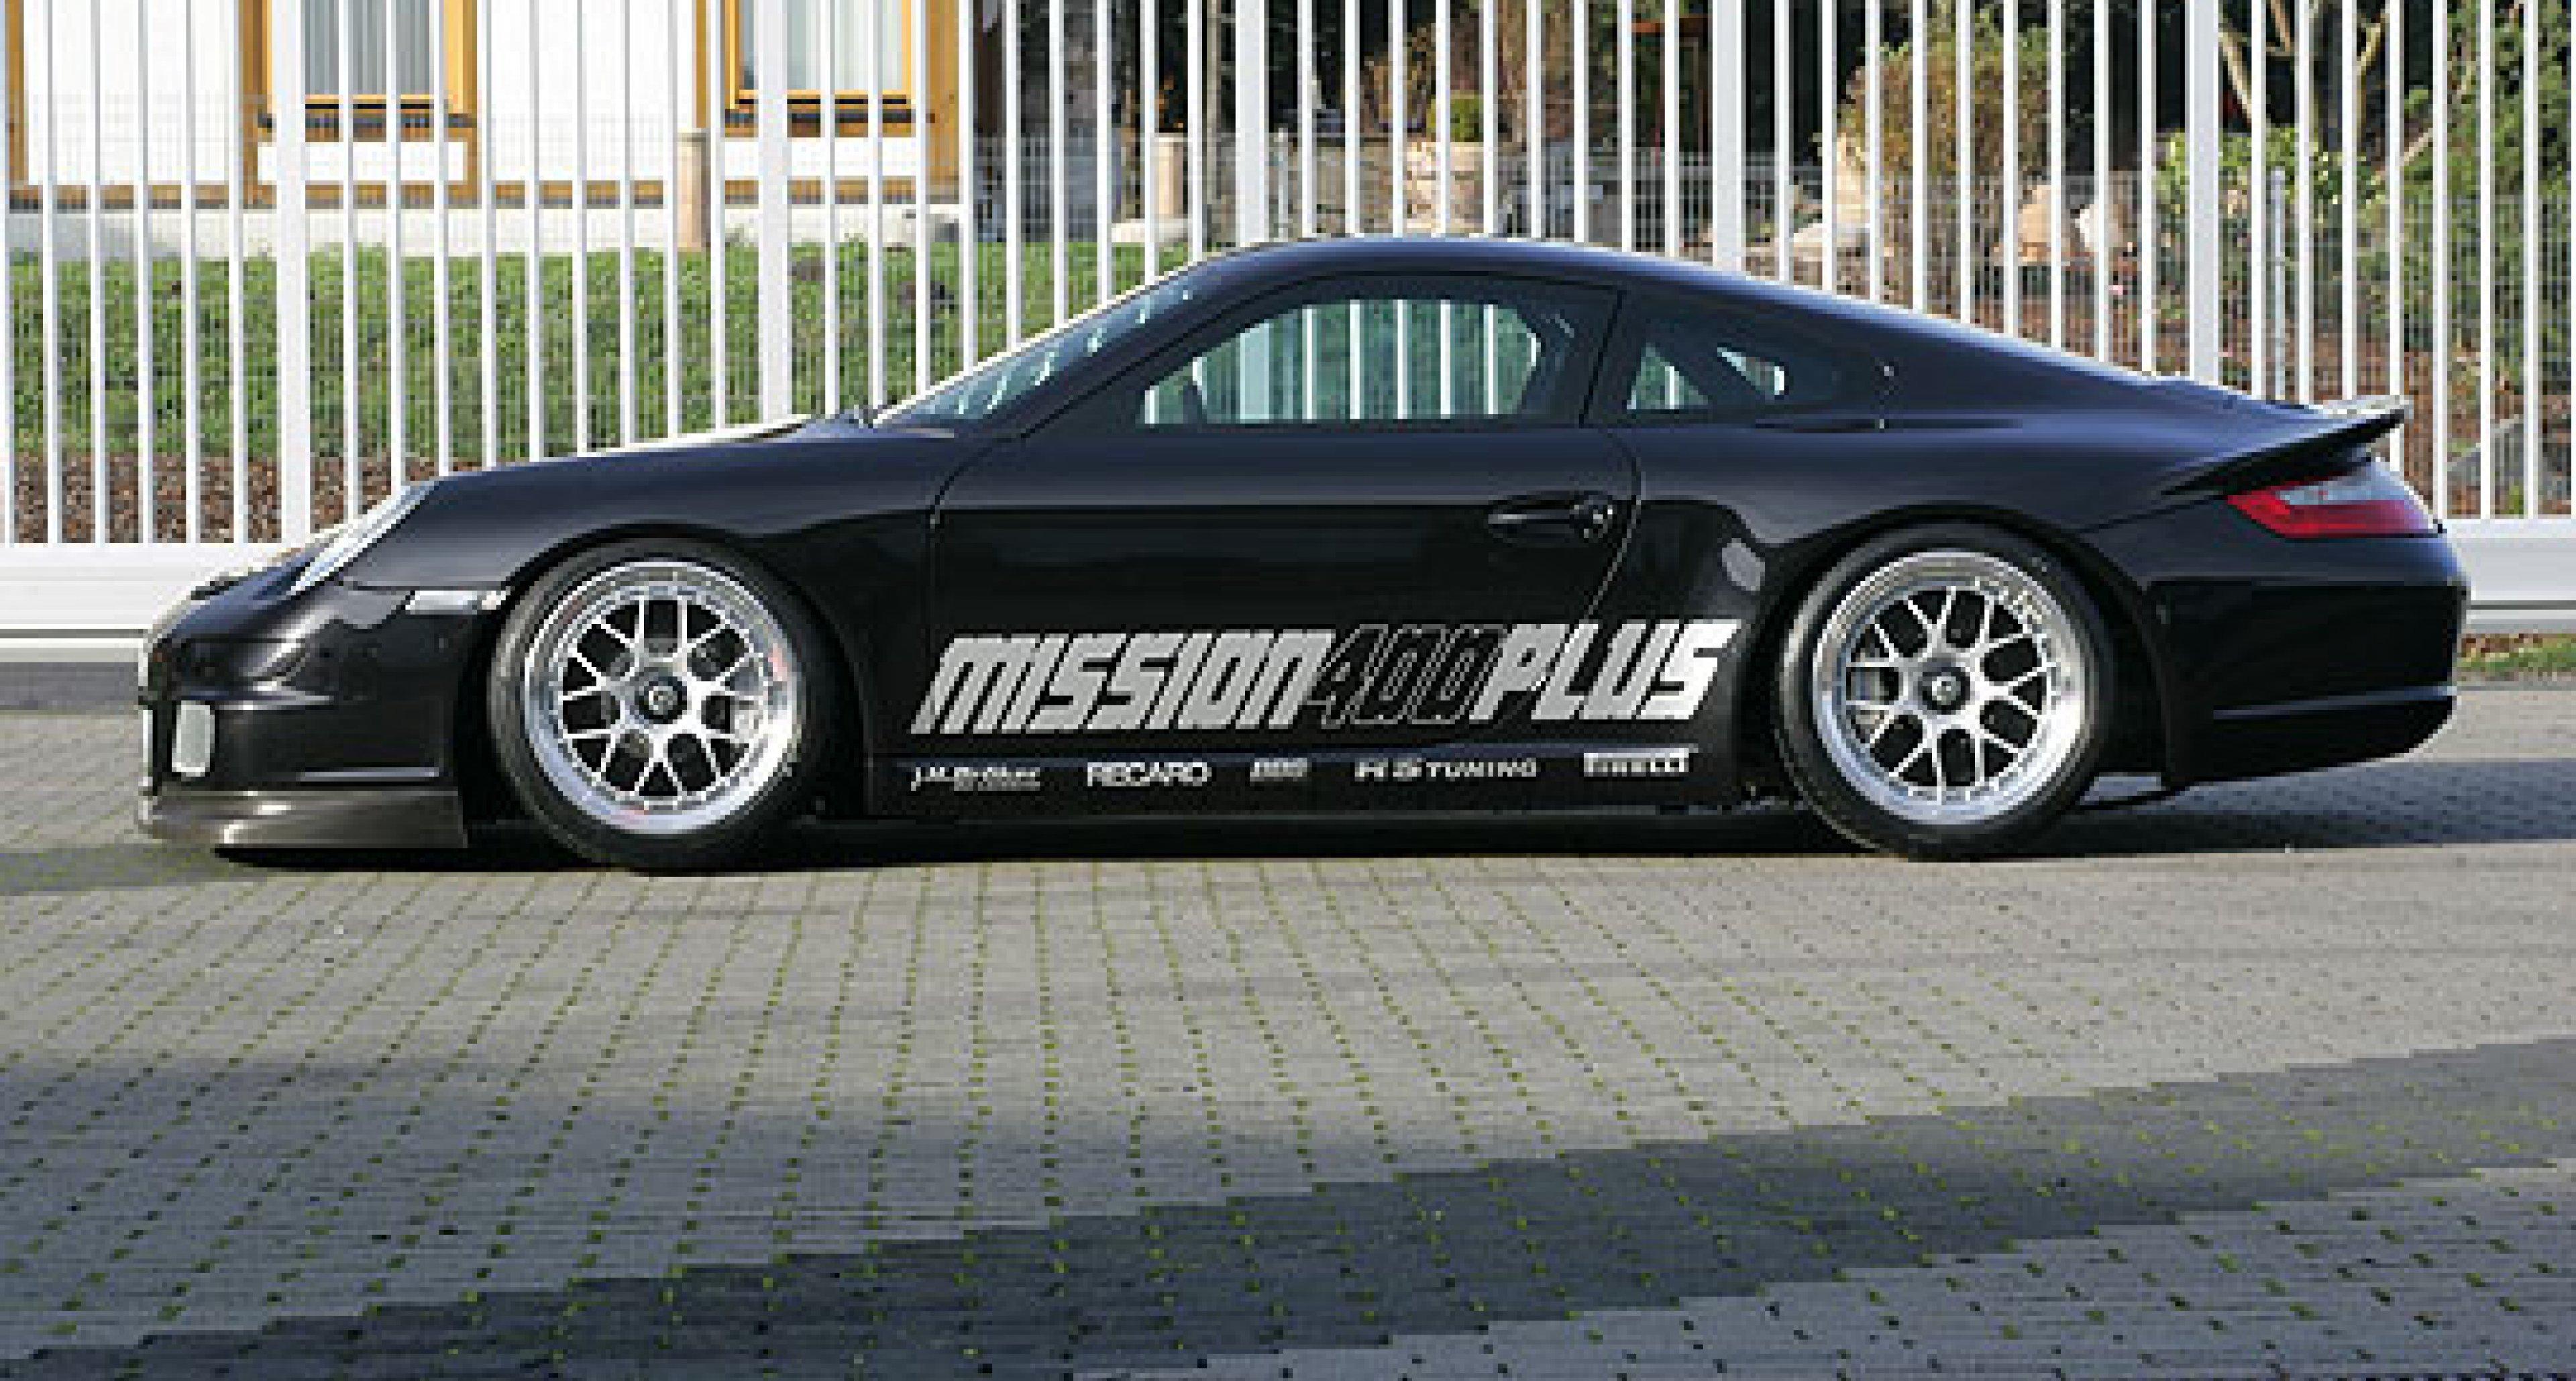 Porsche Turbo von H&R – Projekt 400 km/h plus